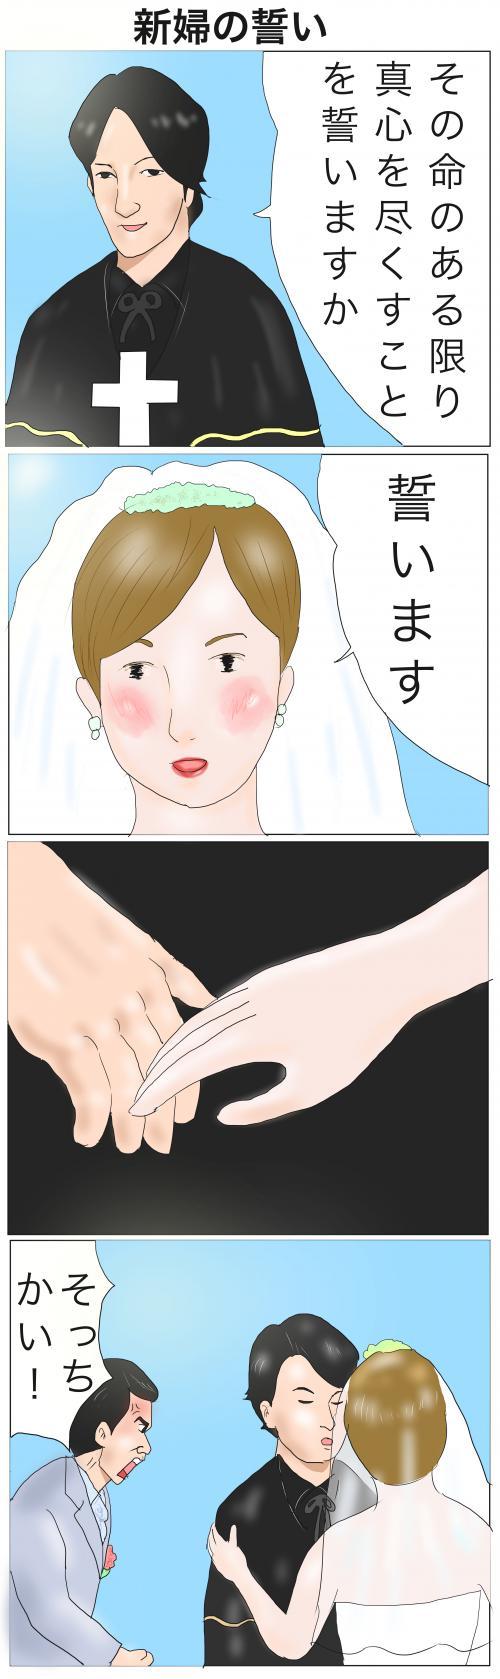 新婦の誓い+のコピー_convert_20140920085348